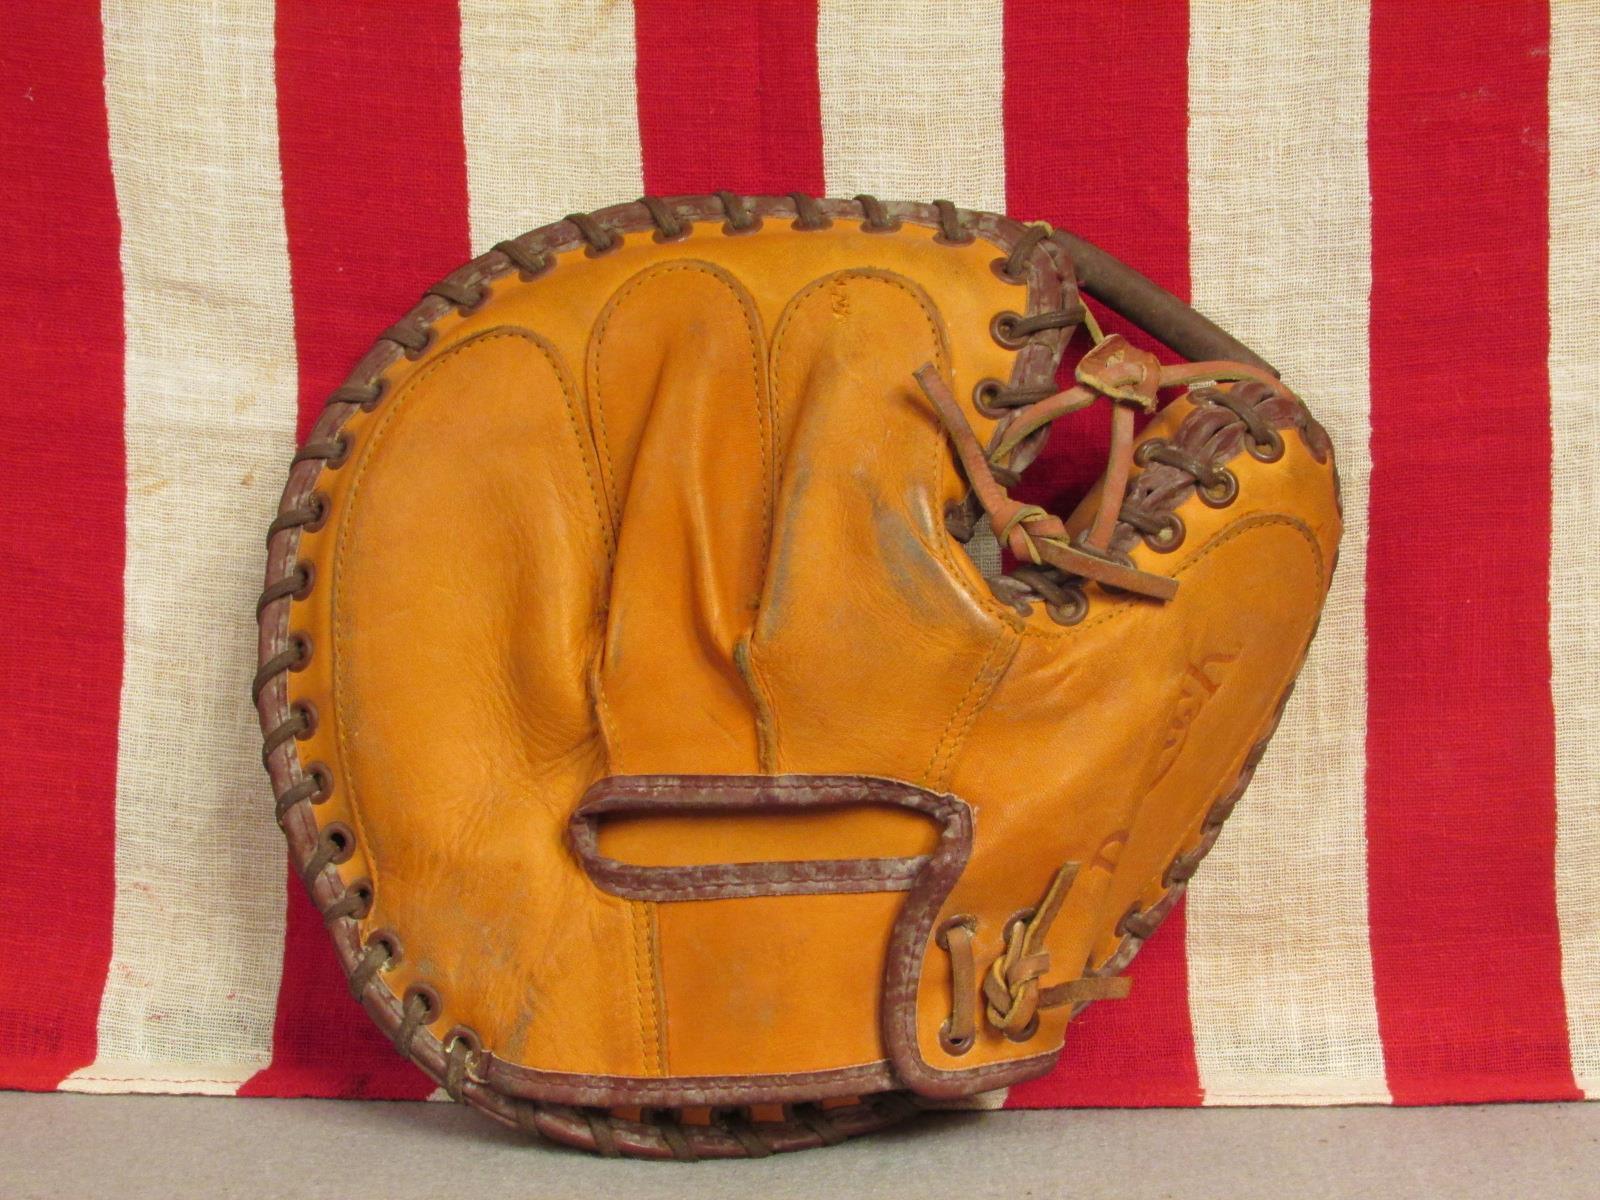 Vintage 1950s Reichweite Leder Baseball Handschuh Fanghandschuh Fanghandschuh Handschuh Champion 2455 57312e